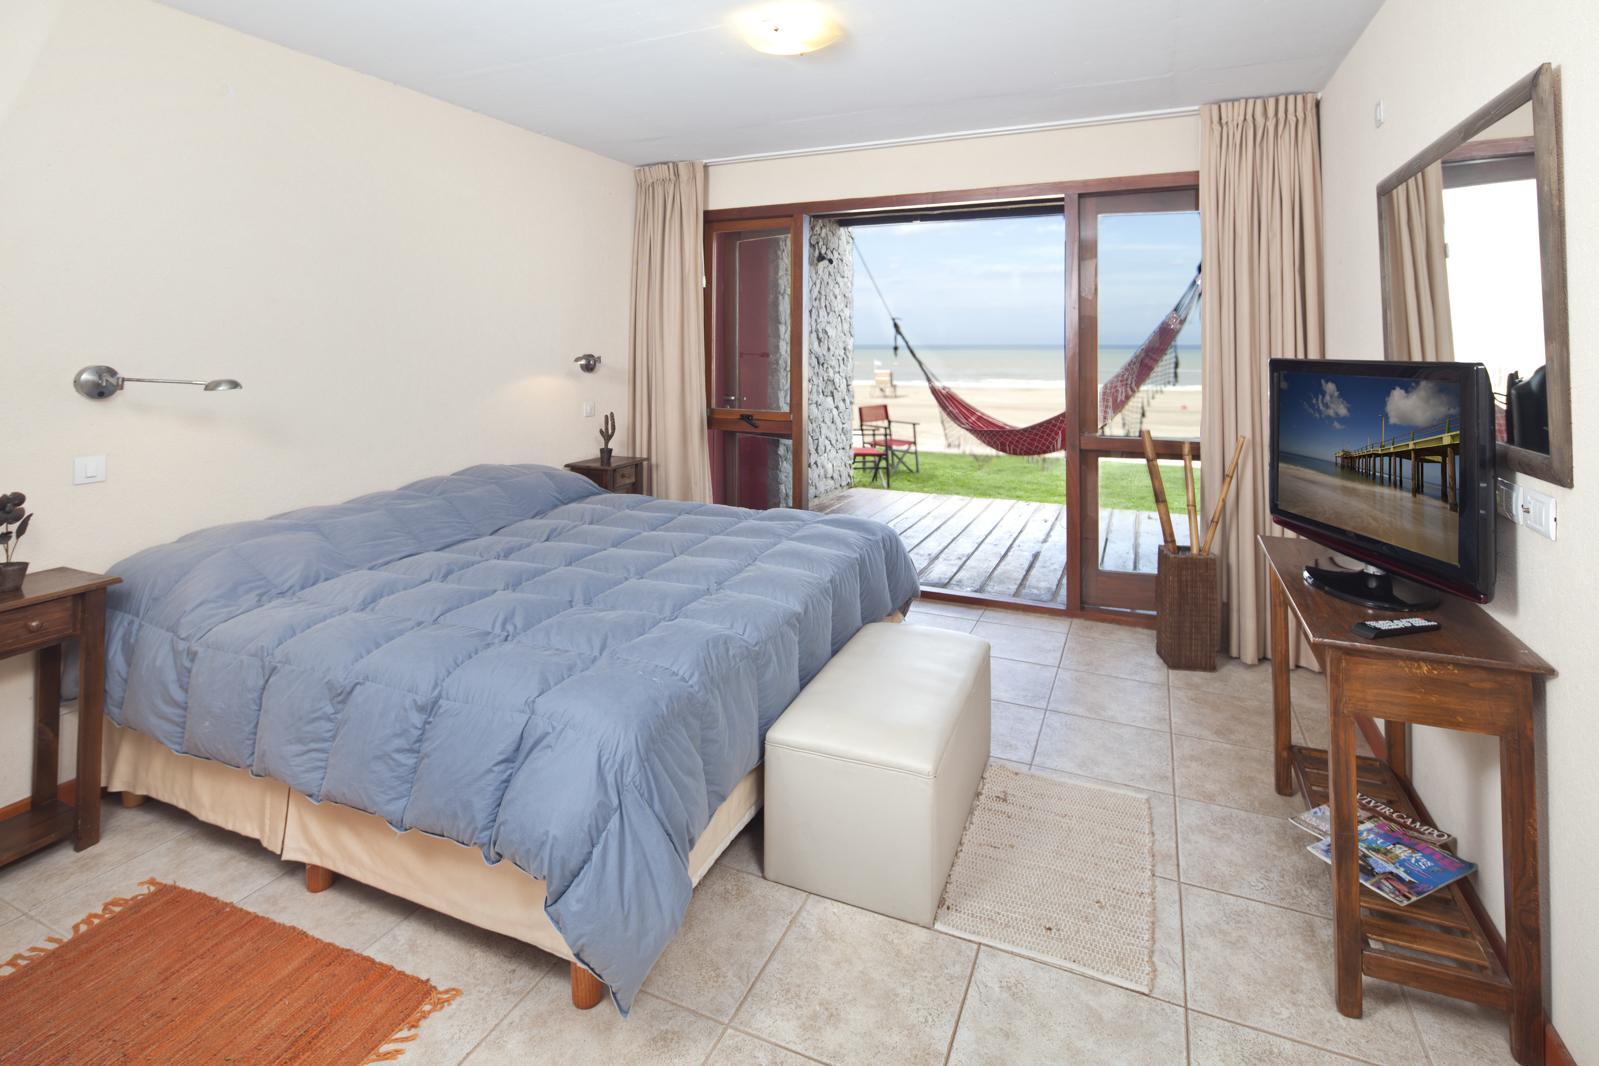 visita virtual en hotel - Apart alta playa las gaviotas